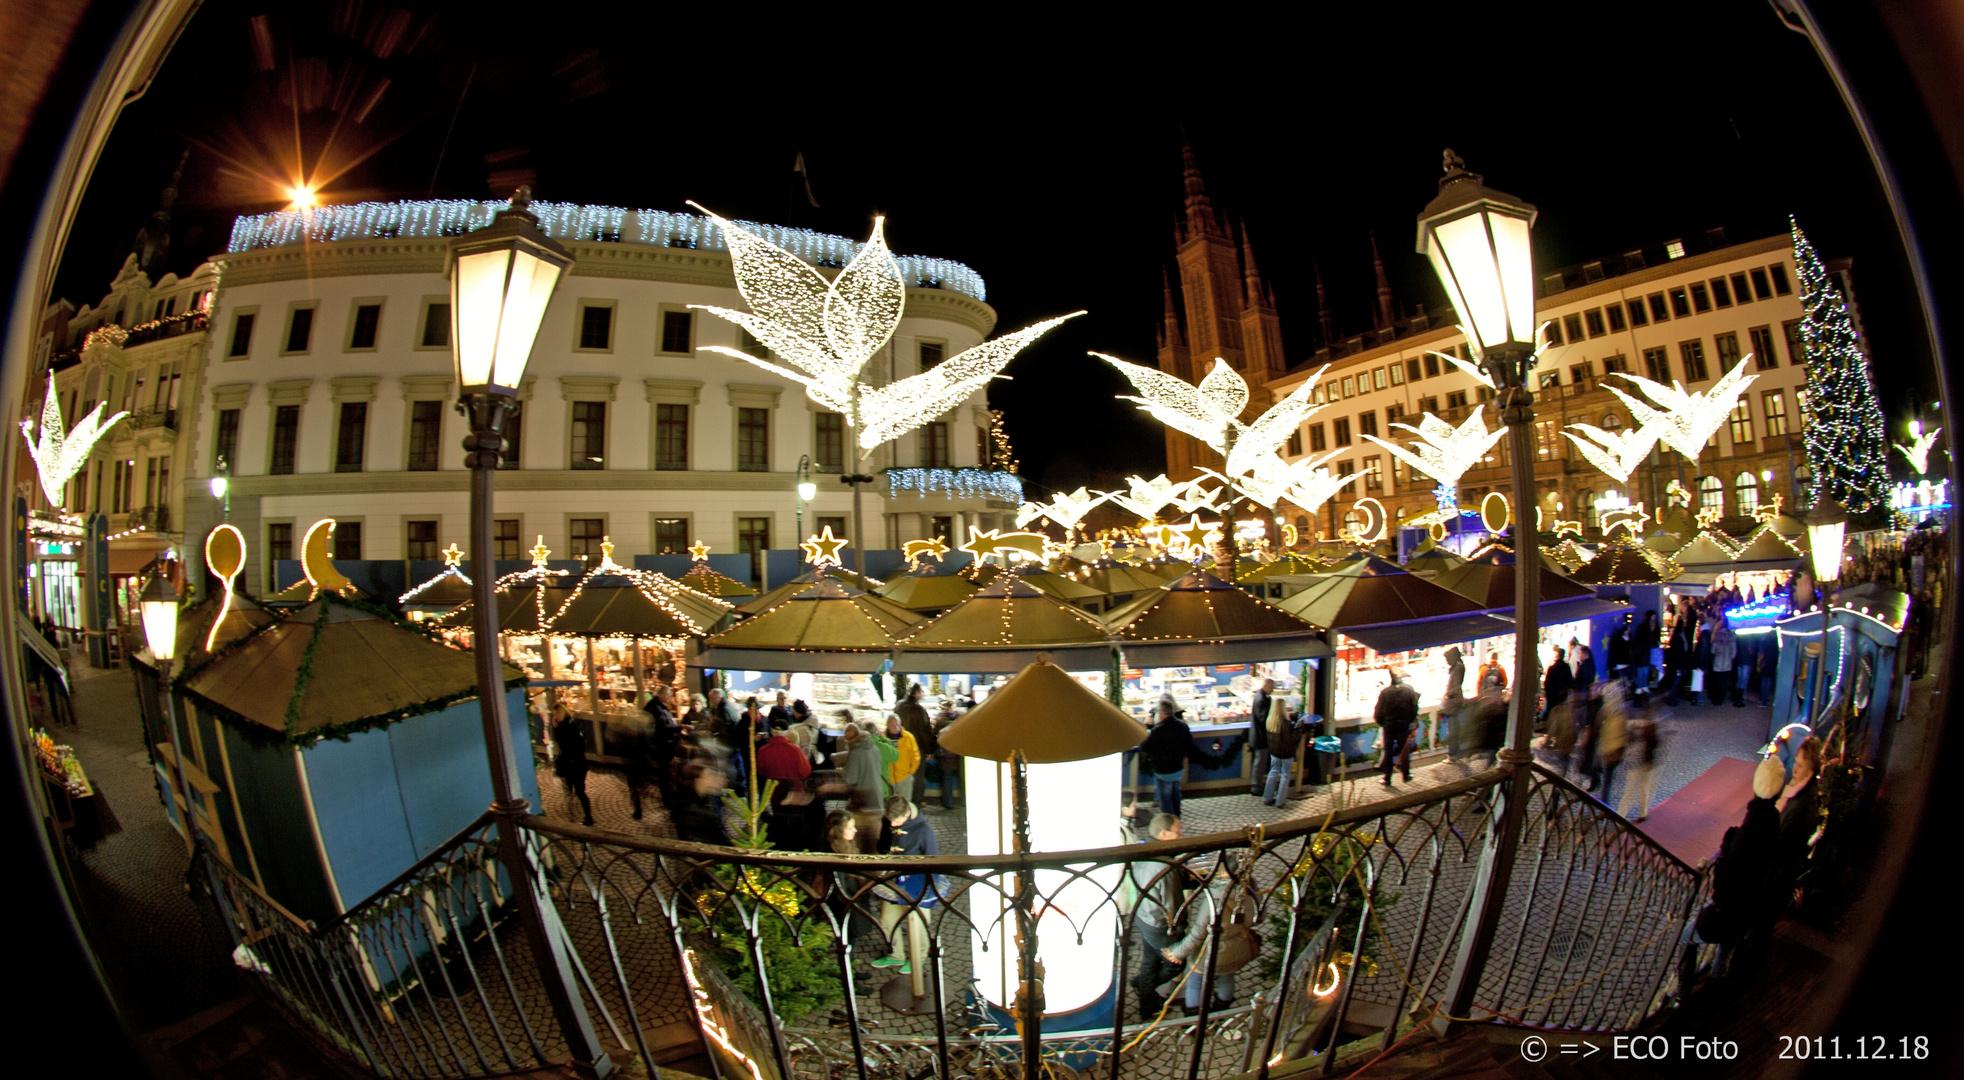 Sternschnuppen Weihnachtsmarkt in Wiesbaden